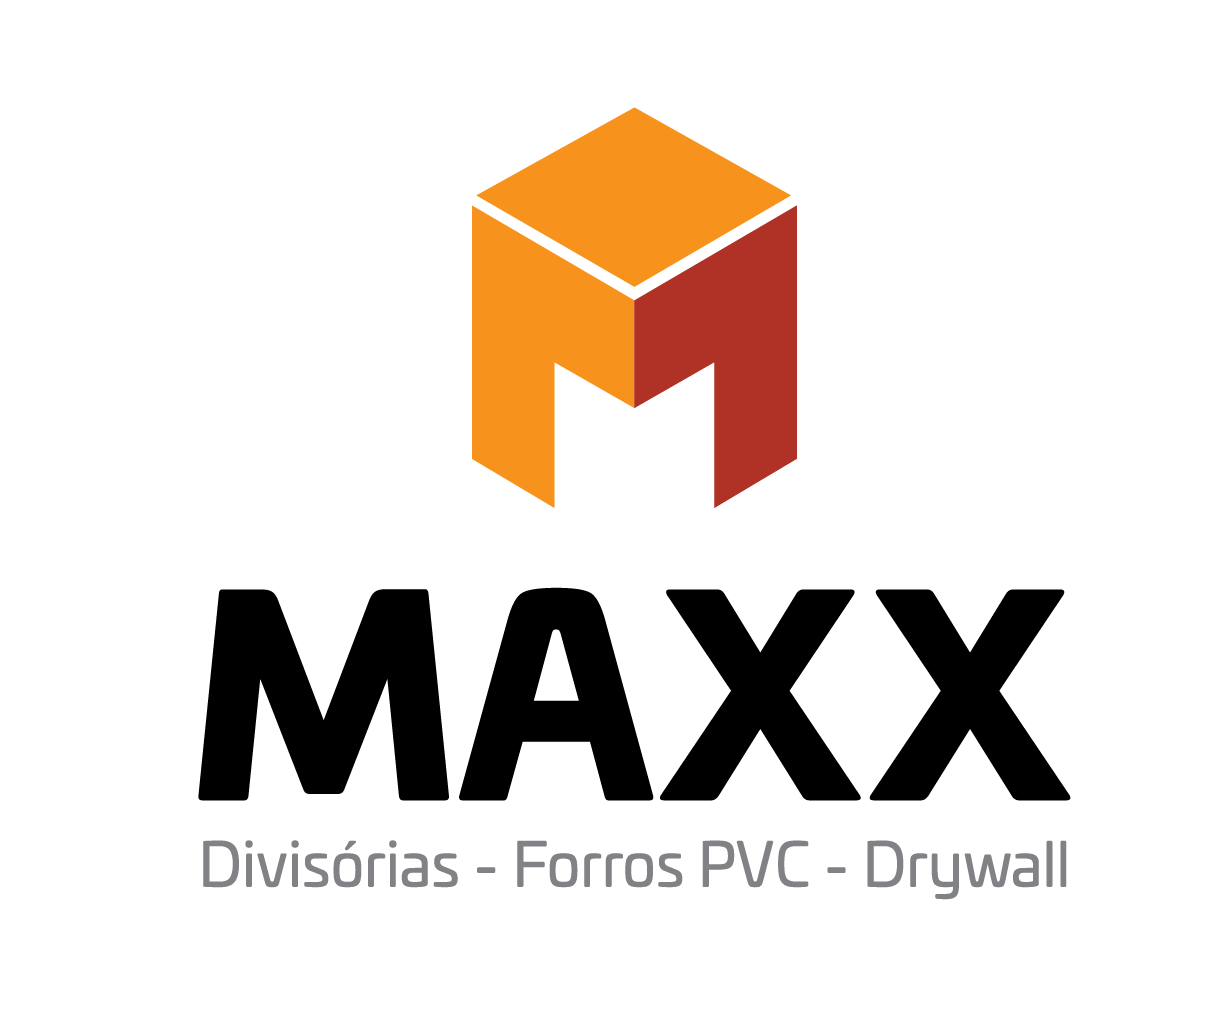 Forros de Pvc Decorado Mooca - Forro de Pvc Decorado - Maxx Forro